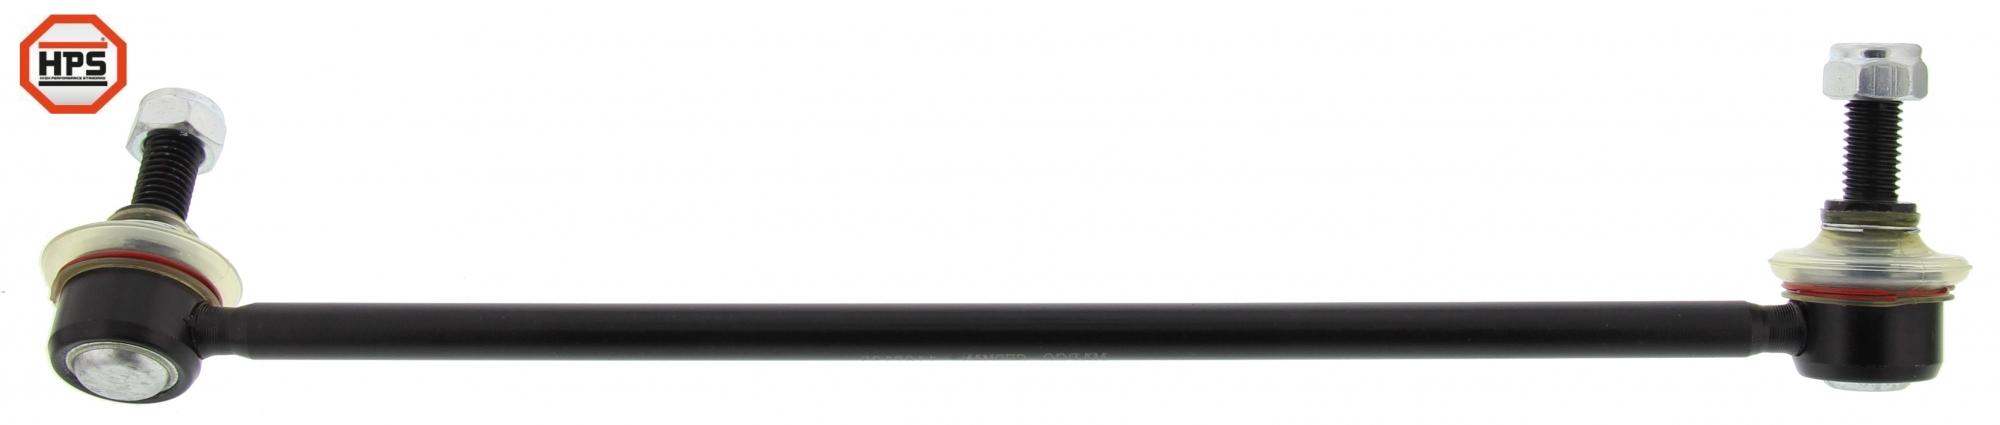 Stabilisator FL725-H BMW X5 FLENNOR Original Stange//strebe